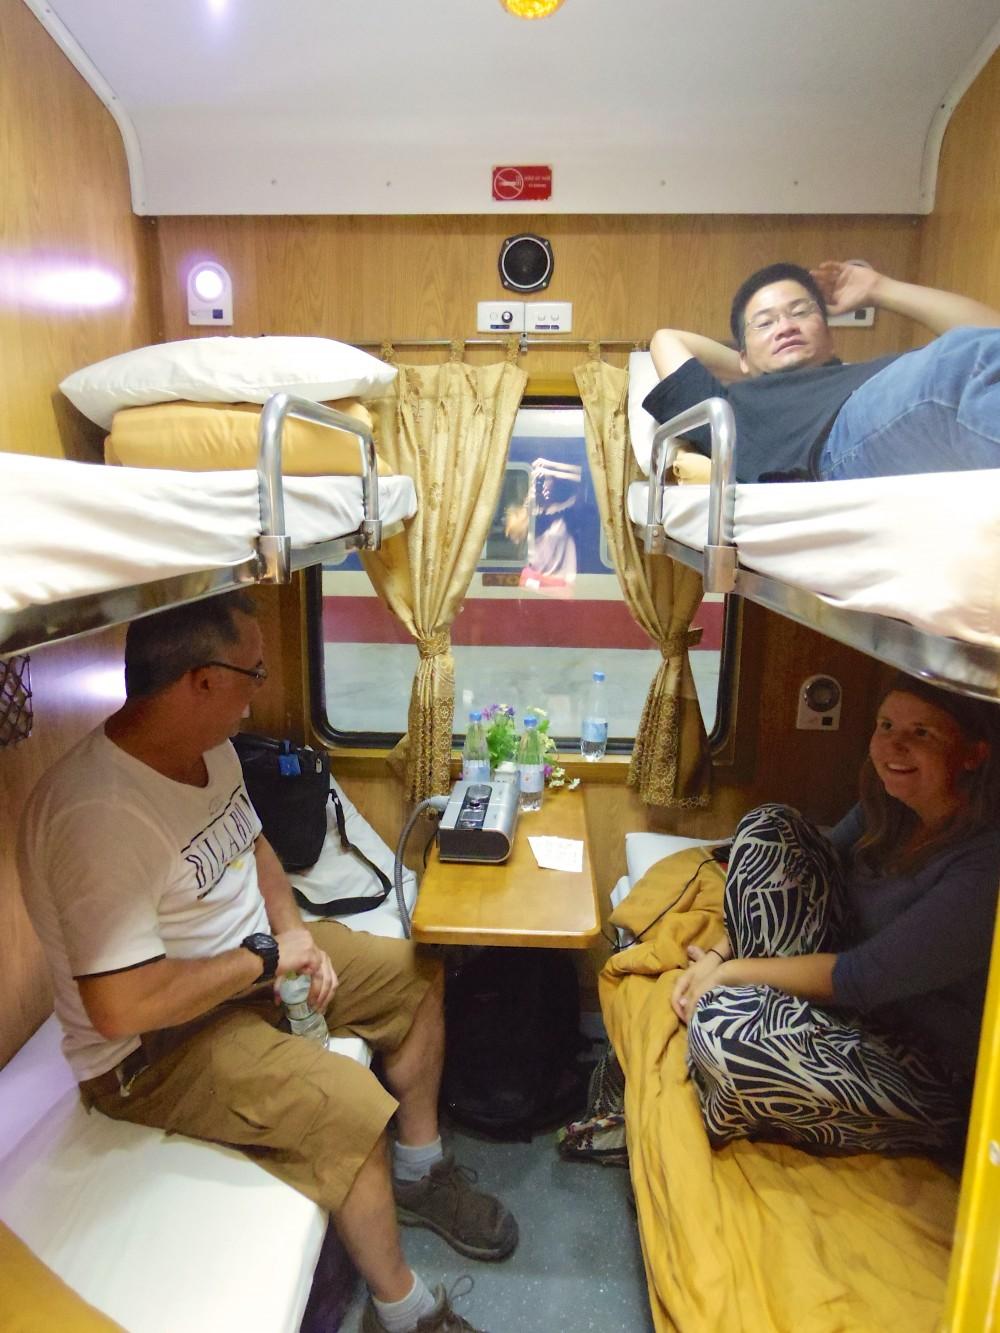 同室だったメンバー。私は2段ベッドの上だった。下にはそれぞれひとり旅をしていたアメリカ人男性とカナダ人女性。上の段に寝っ転がっているのはフランス語ガイドをしているベトナム人男性